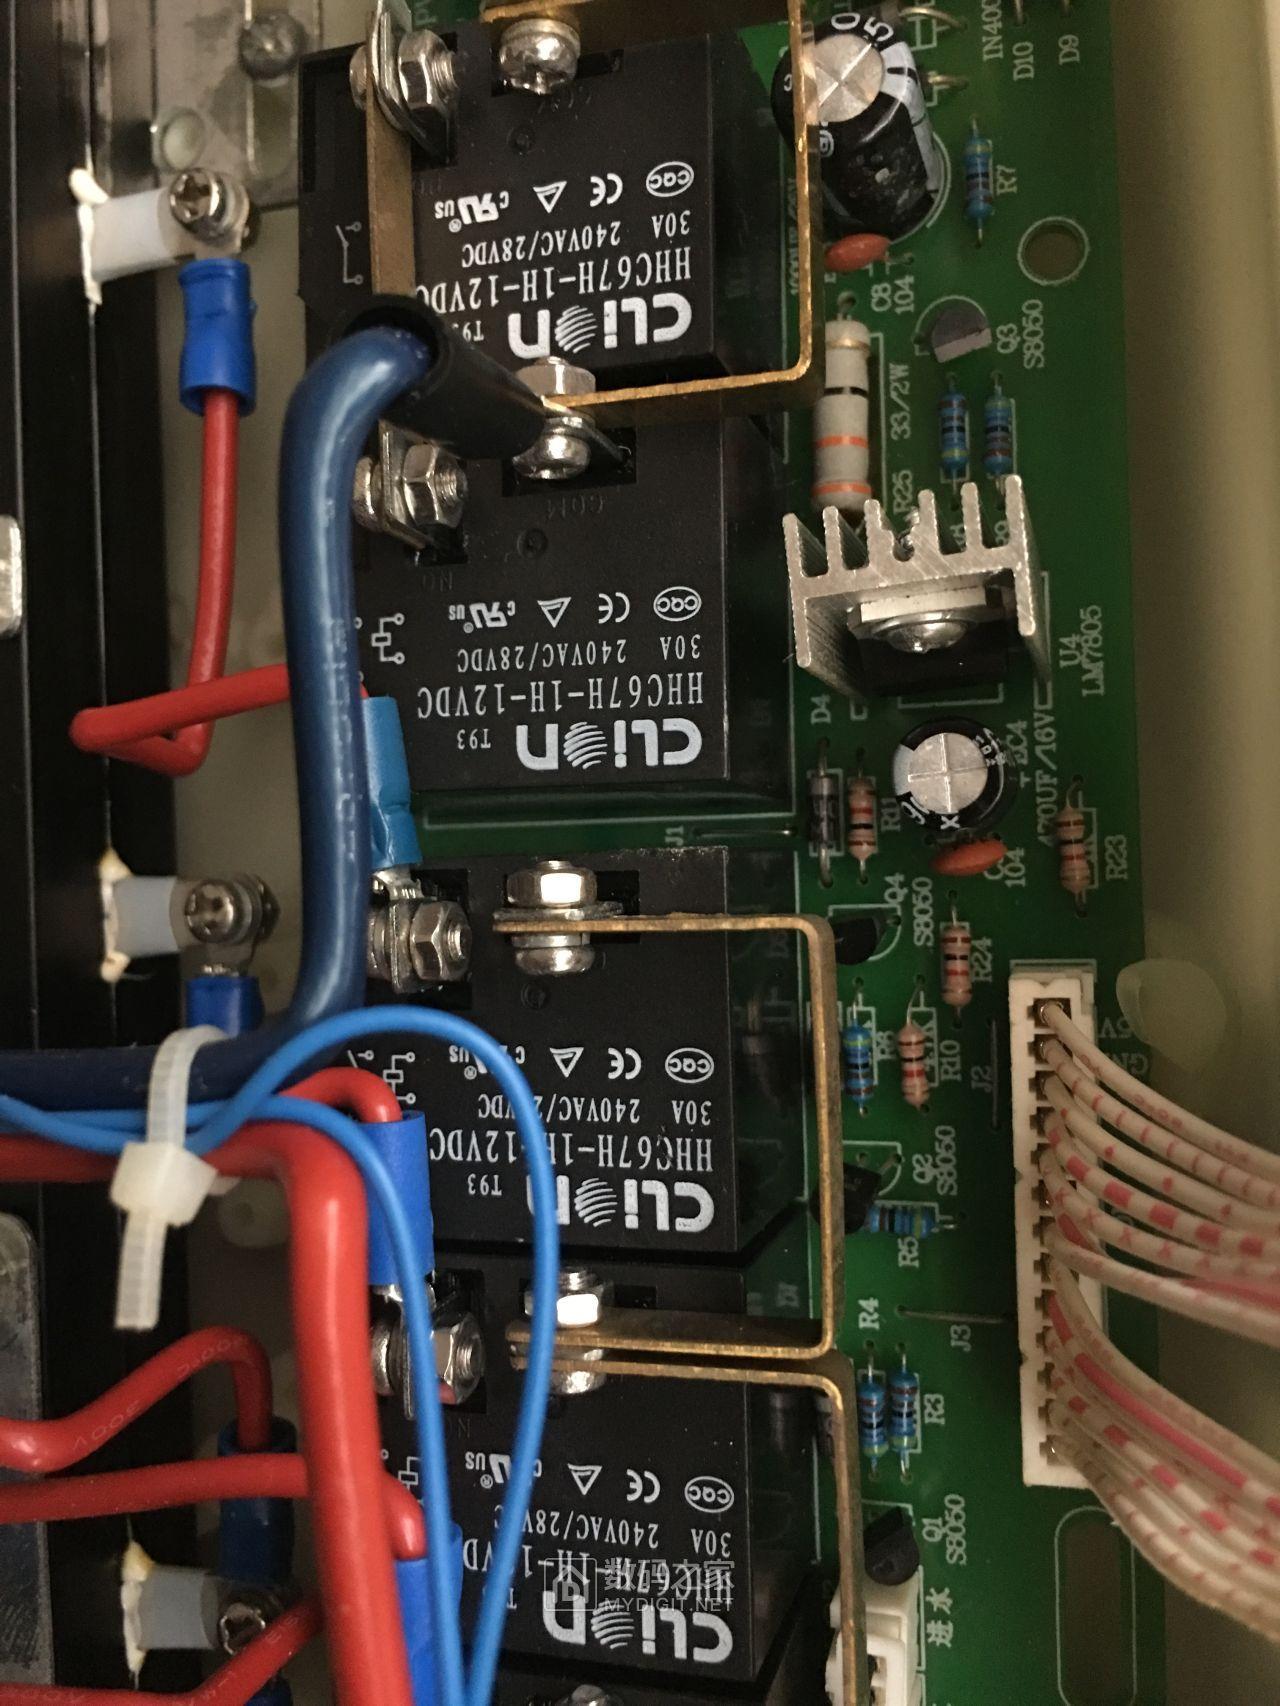 220V总线过温度开关后直接分到继电器上,N线2个,L线3个